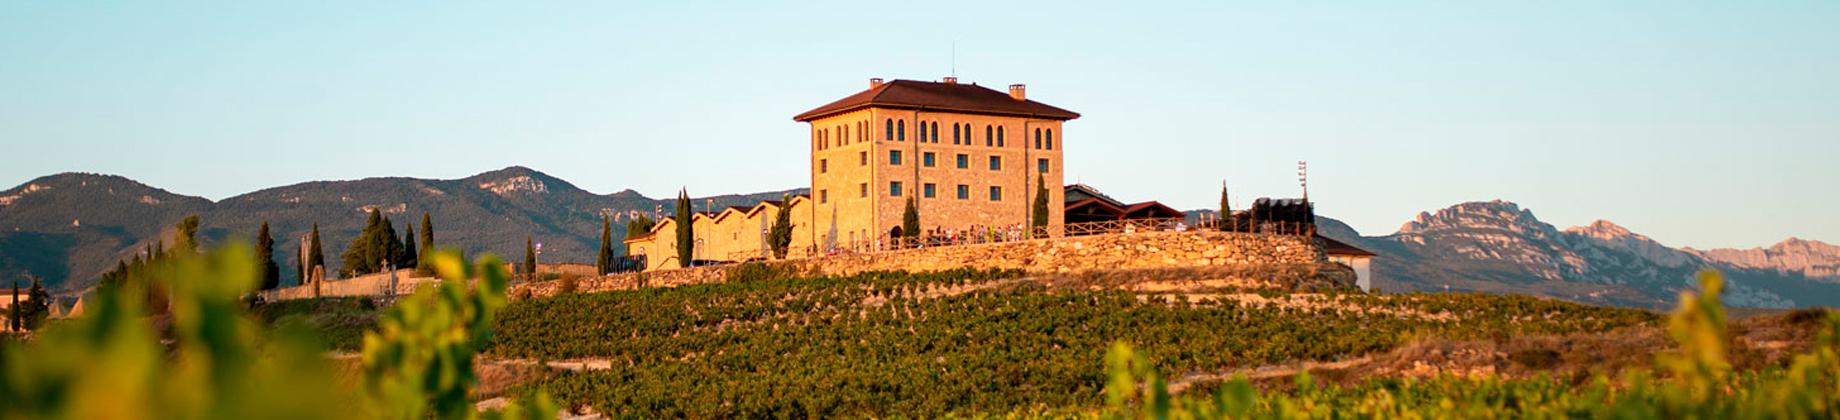 Bodega Hacienda López de Haro